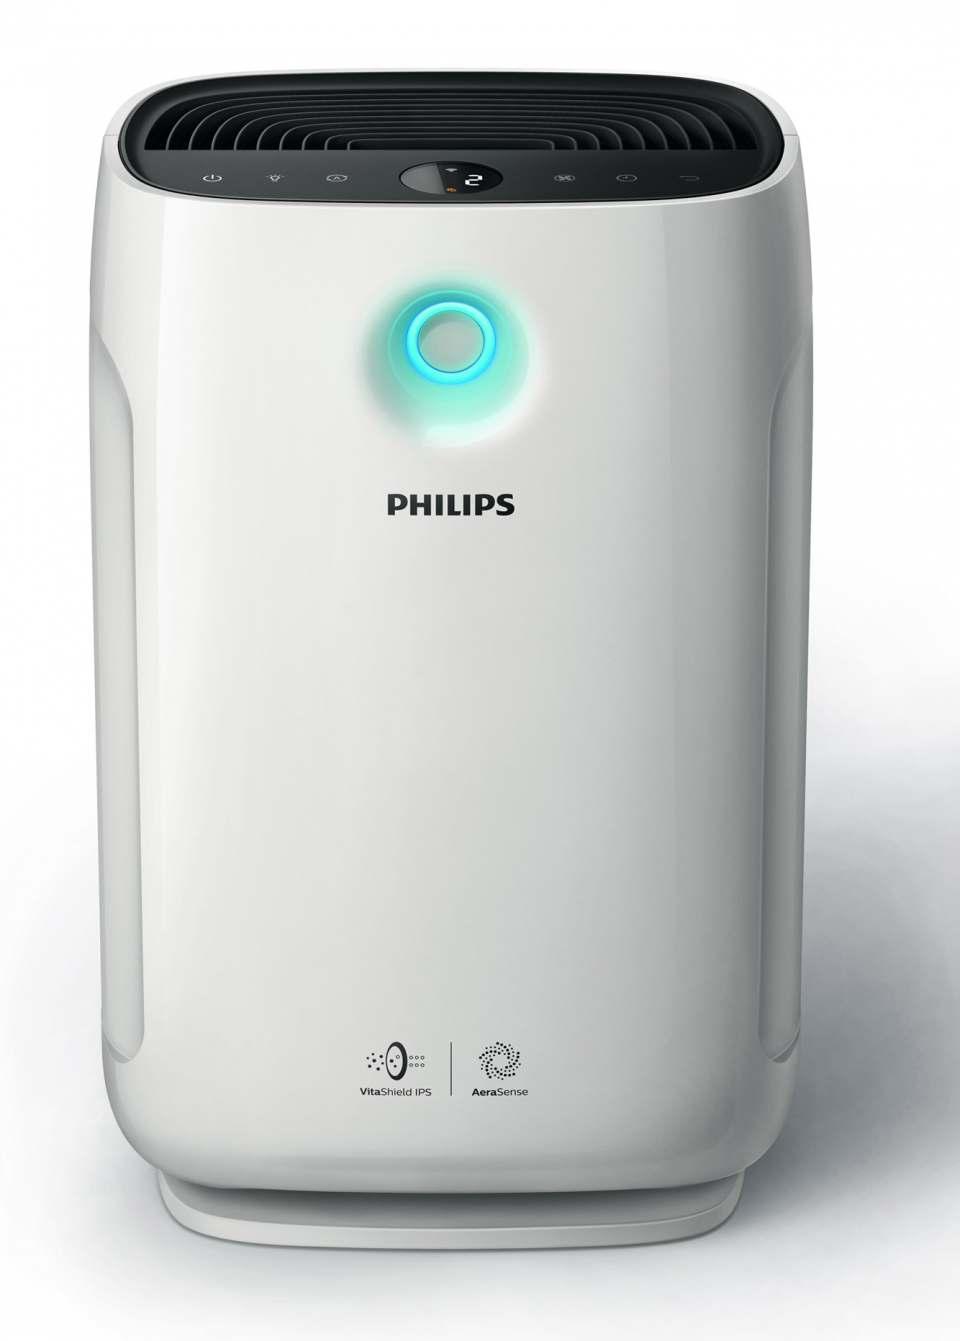 Philips Luftreiniger Serie 2000 mit Steuerung über App.